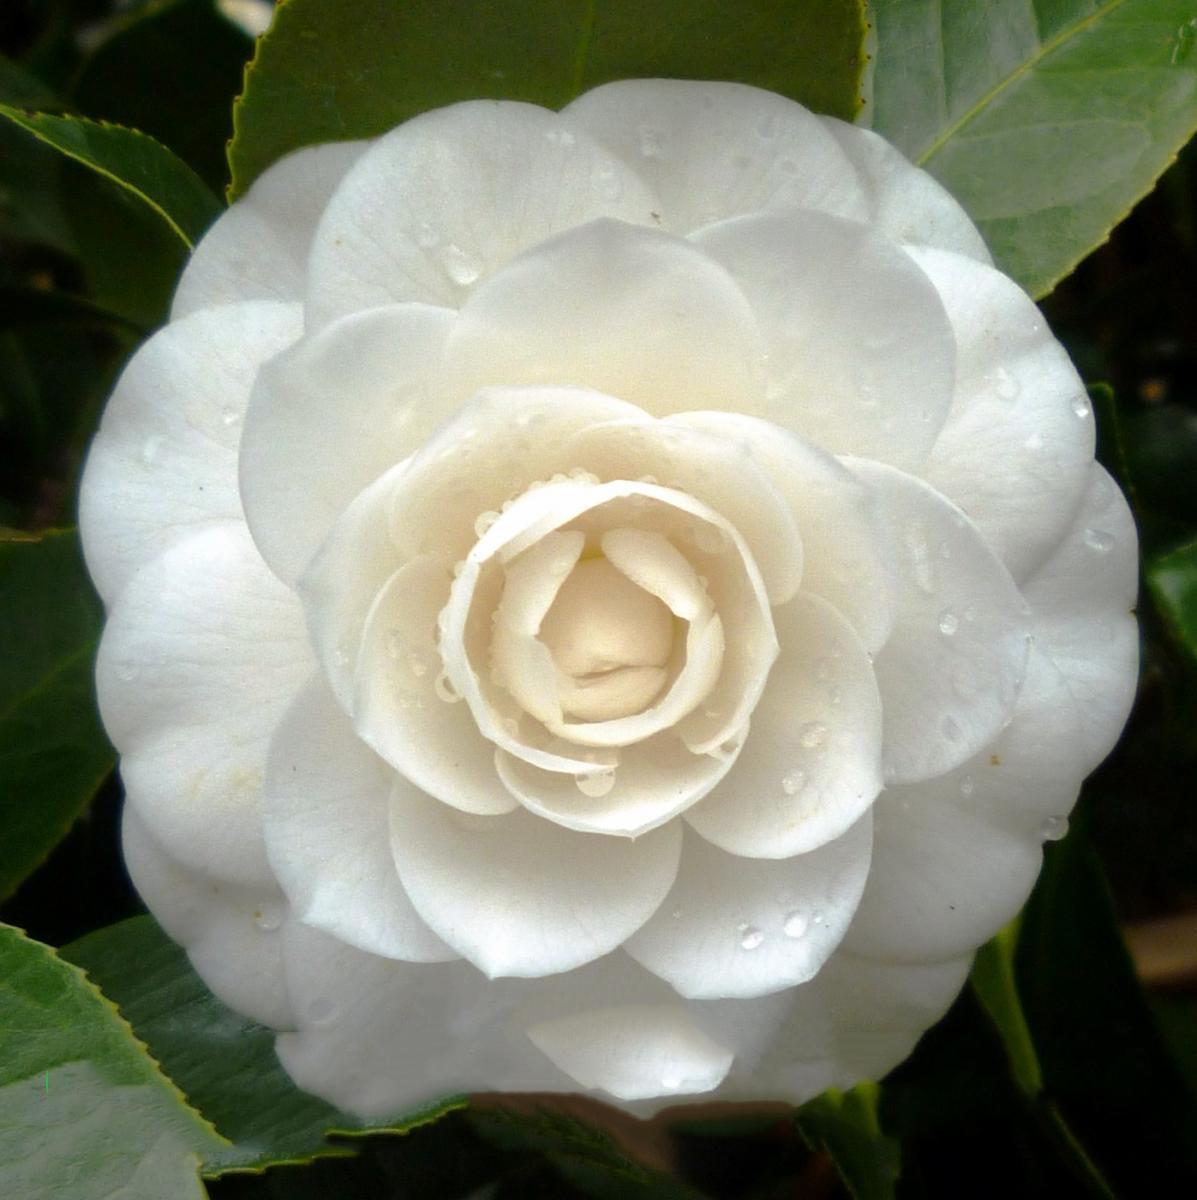 Hoa trà mi trắng vẫn còn đọng nước trông rất đẹp